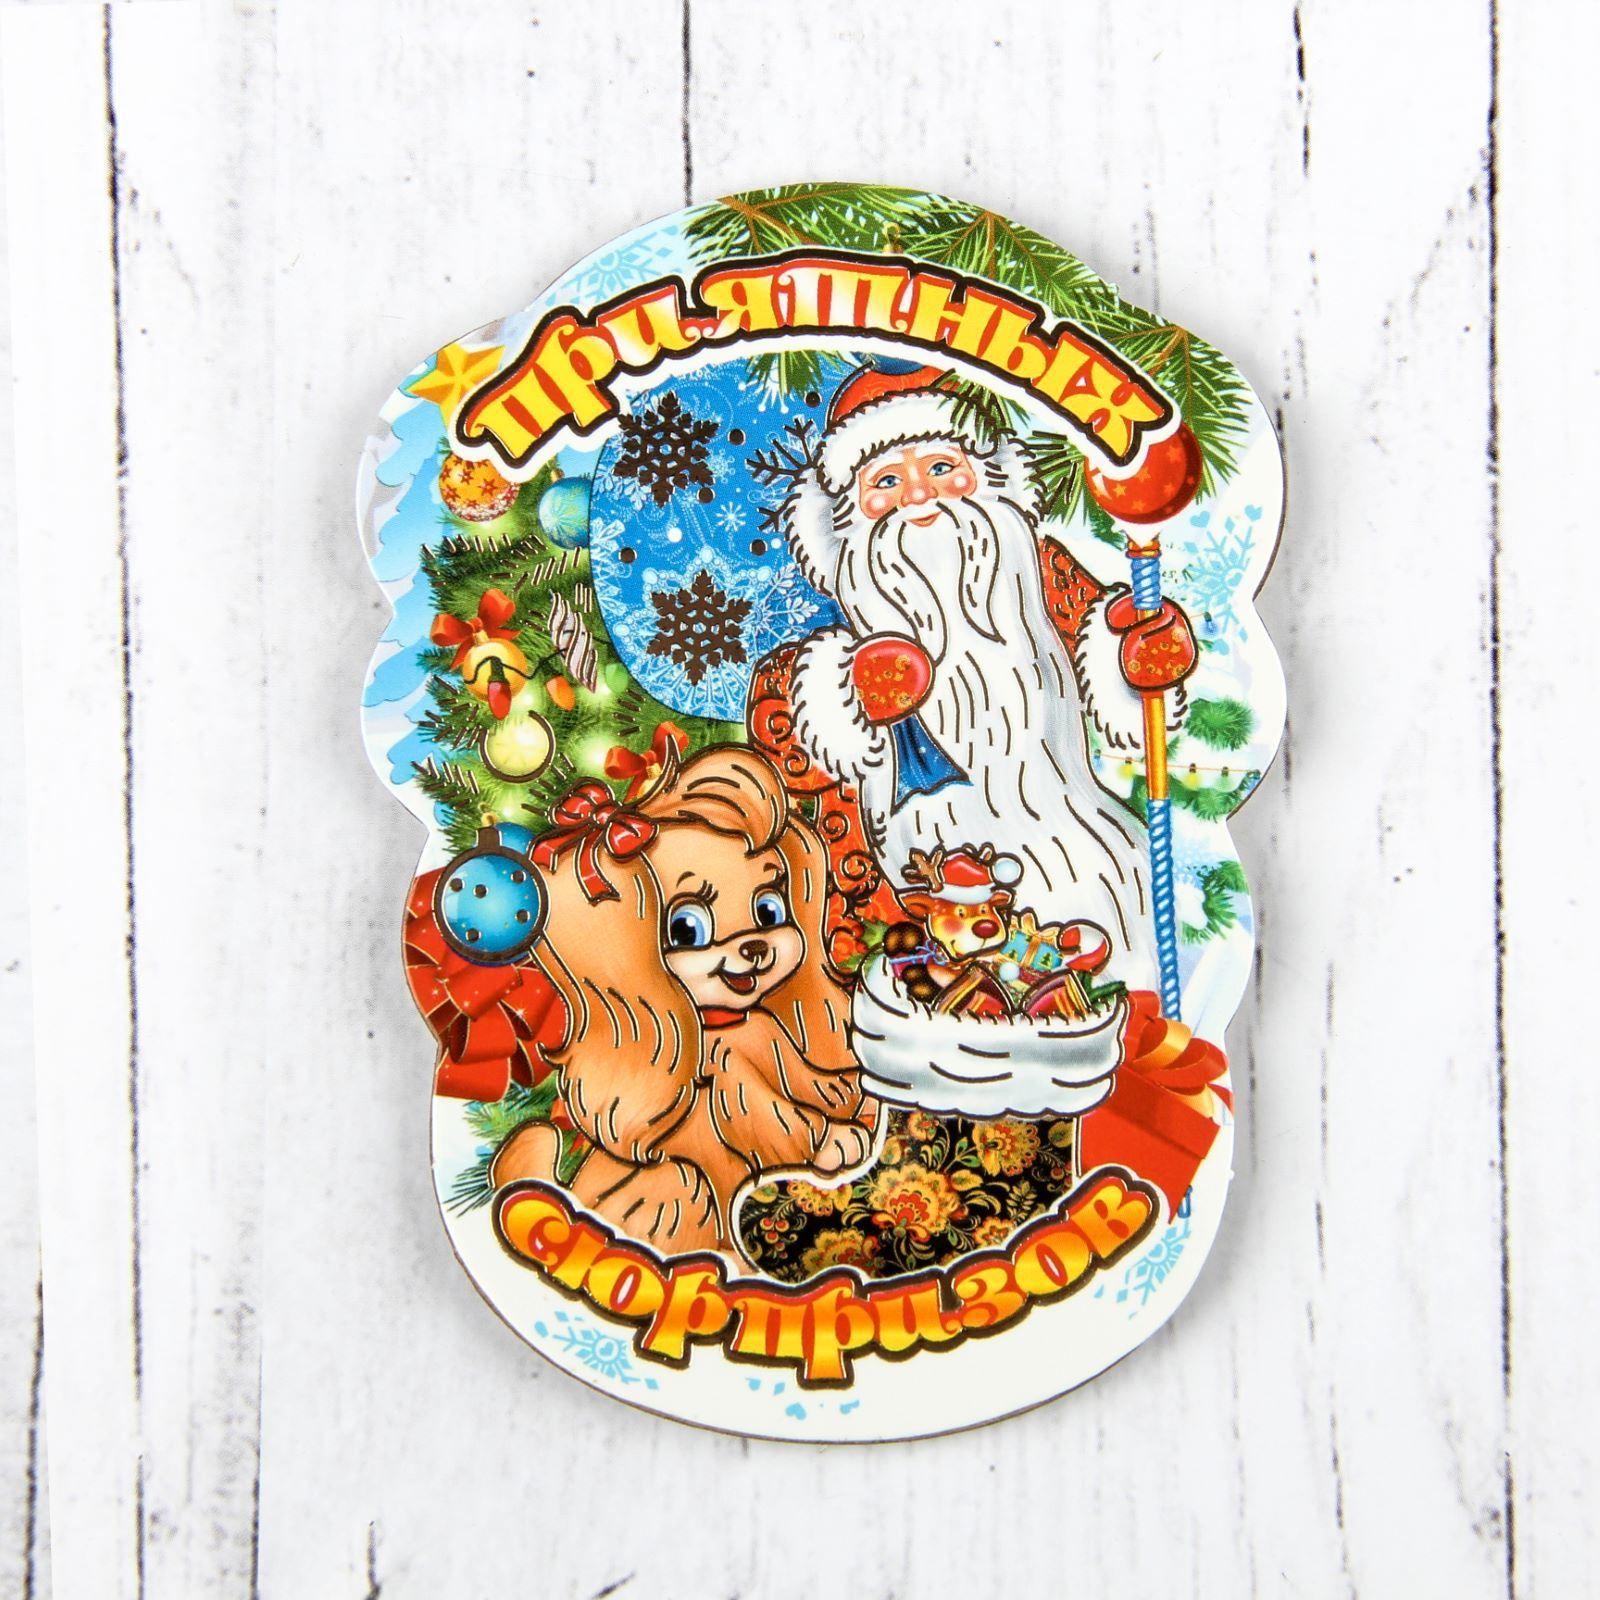 Магнит Sima-land Новогодний. 2018, 10 х 7,5 см. 25324082532408Порадуйте родных и близких оригинальным сувениром: преподнесите в подарок магнит. С ним даже самый серьезный человек почувствует себя ребенком, ожидающим чудо! Прикрепите его к любой металлической поверхности, и он удержит на виду важные записки, любовные послания или просто список продуктов.Создайте праздничное настроение, и оно останется с вами на весь год.